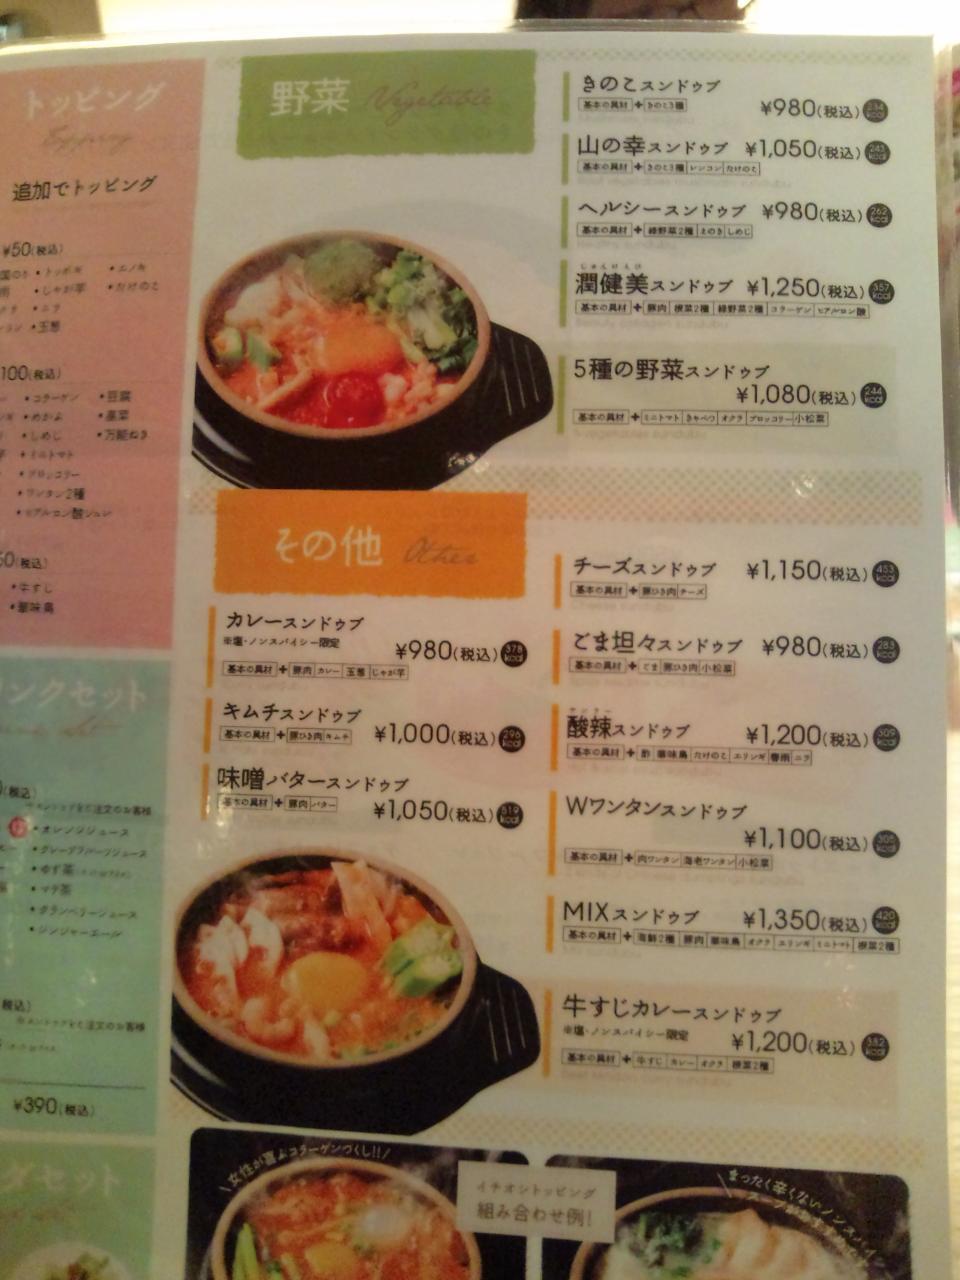 東京純豆腐ノクティプラザ店(メニュー)